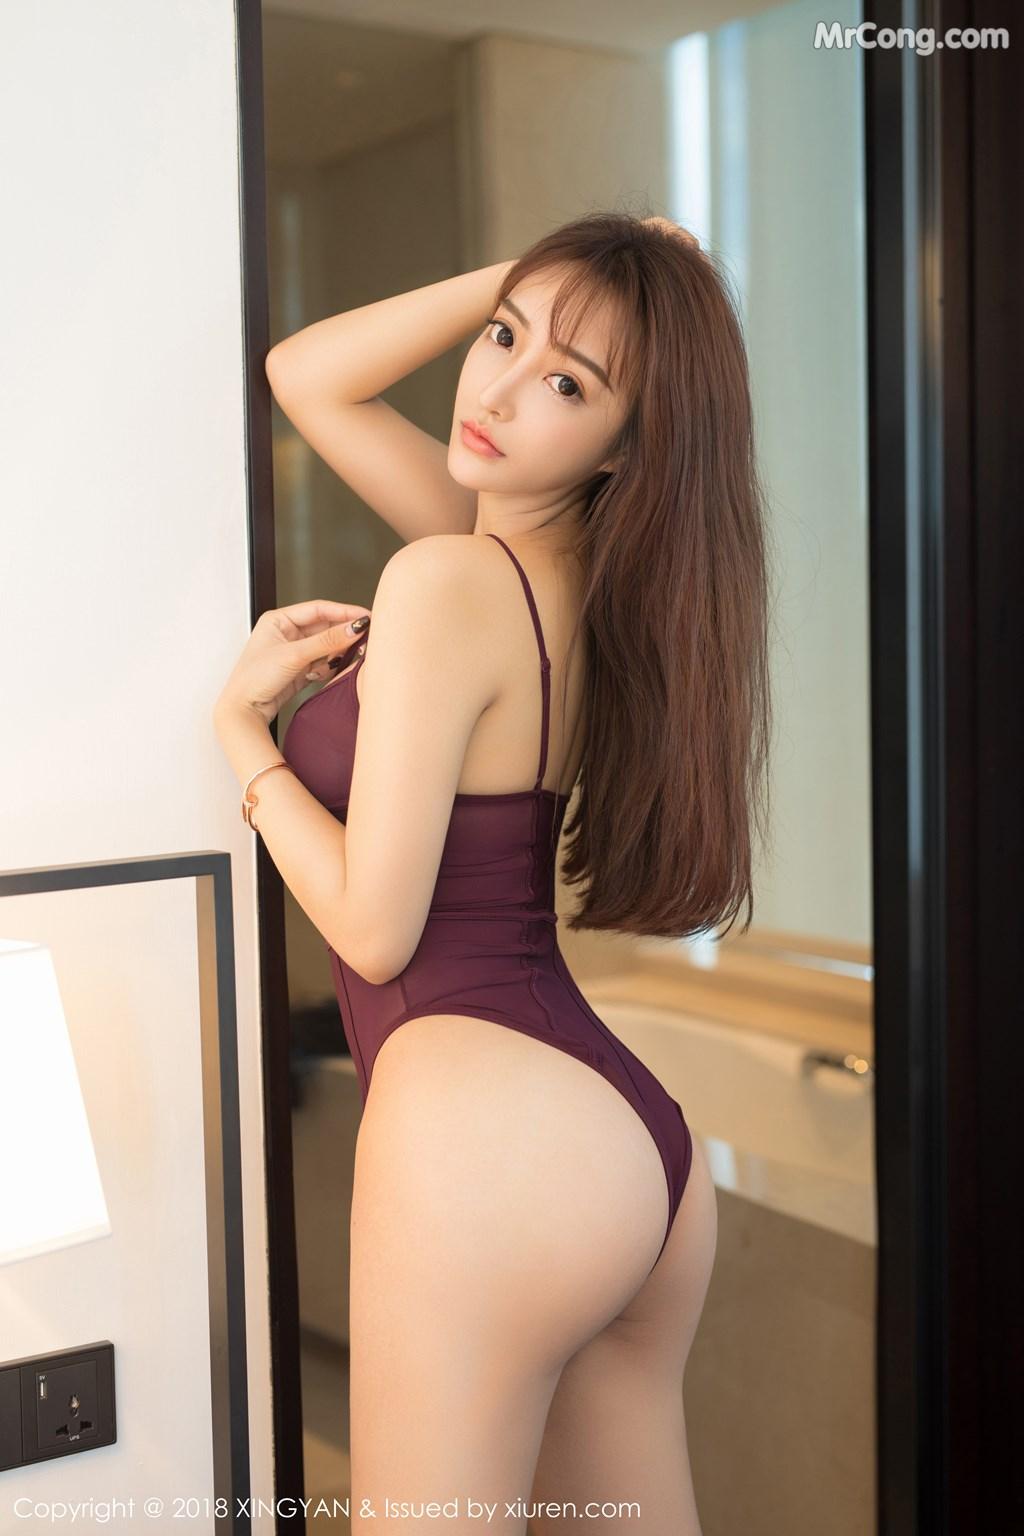 Image XingYan-Vol.086-Angel-MrCong.com-004 in post XingYan Vol.086: Người mẫu 安安Angel (40 ảnh)